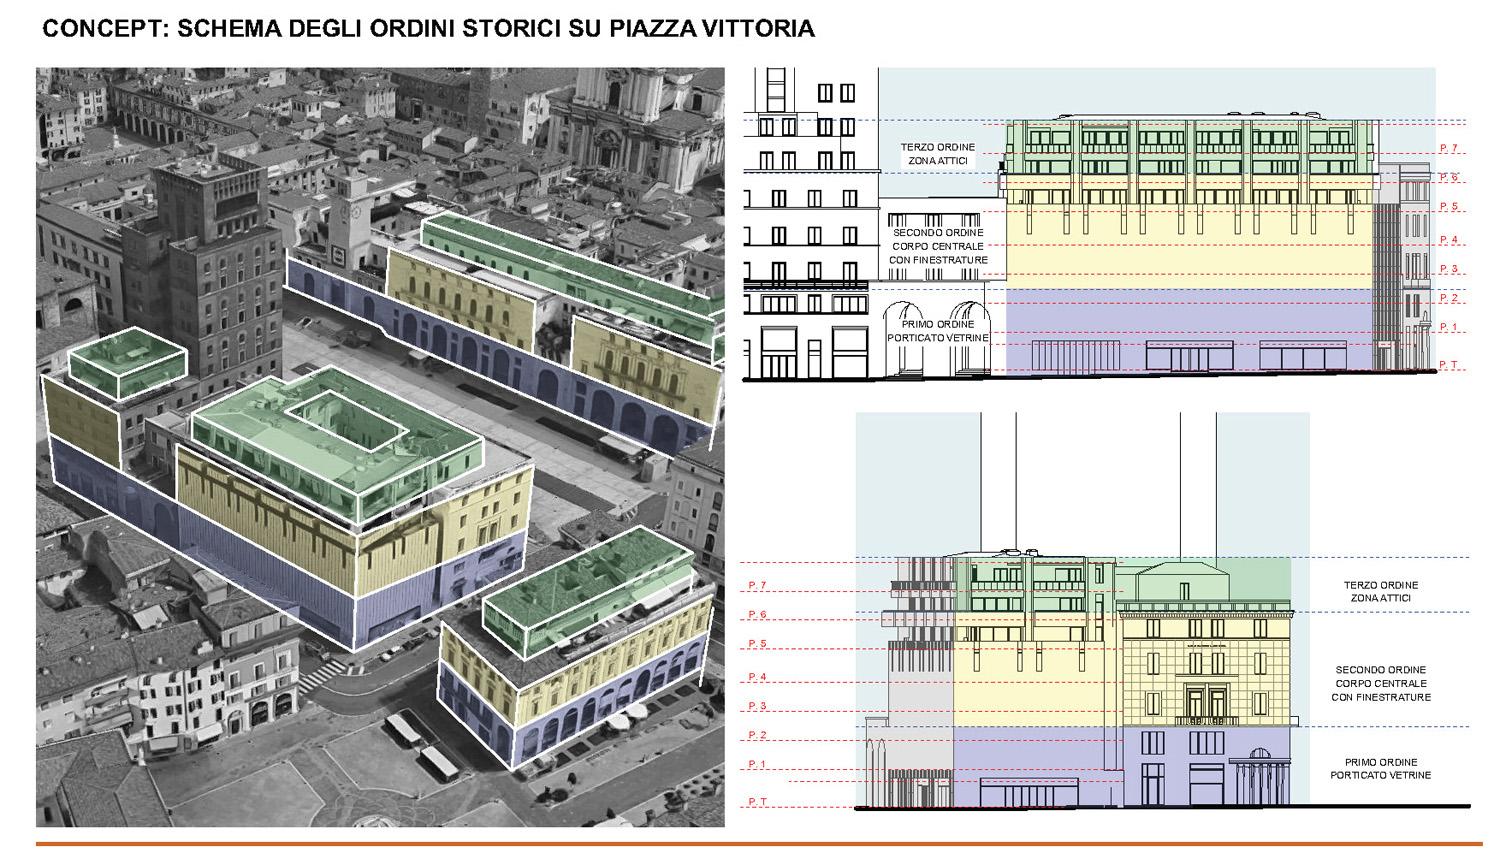 04 - concept - analisi del contesto edilizio, schema degli ordini e delle tipologie storiche studio B+M Associati}